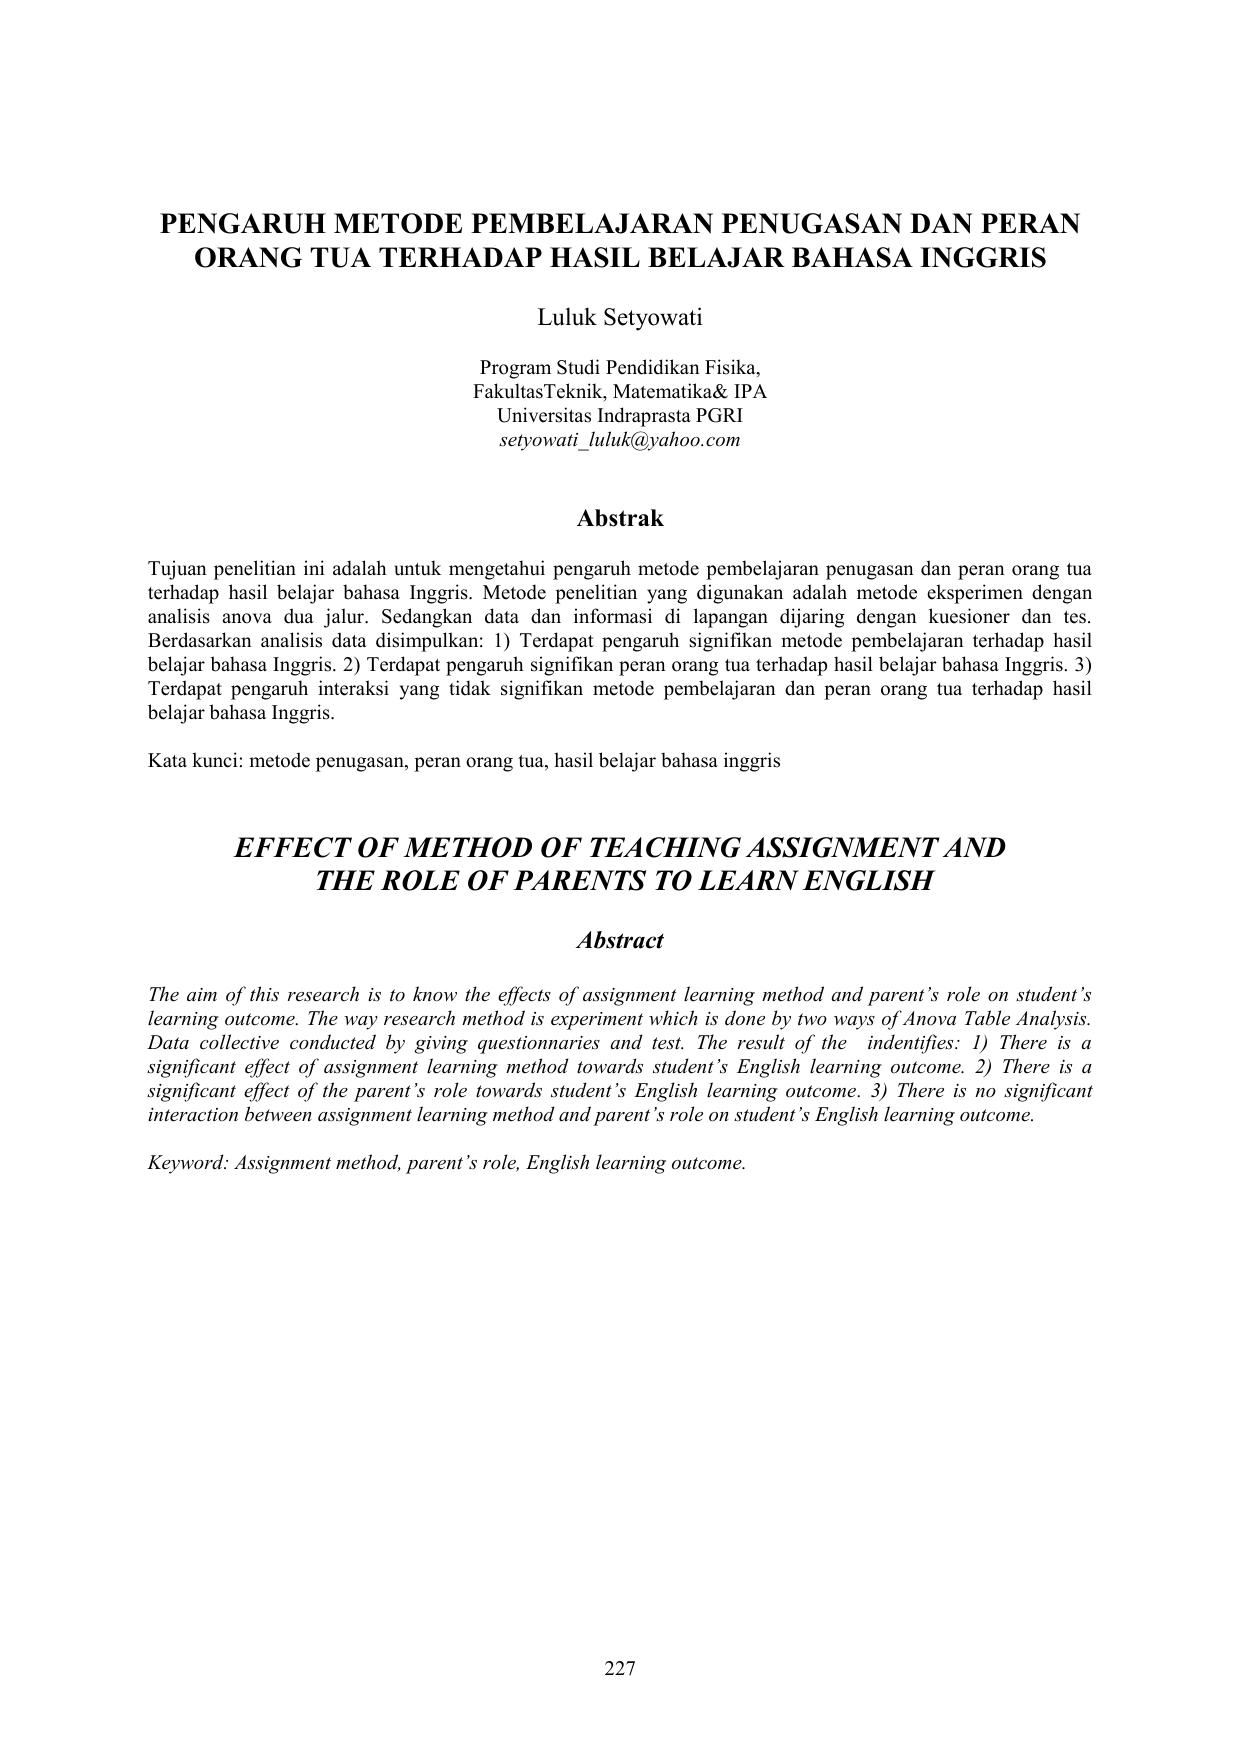 PENGARUH METODE PEMBELAJARAN PENUGASAN DAN PERAN ORANG TUA TERHADAP HASIL BELAJAR BAHASA INGGRIS Luluk Setyowati Program Studi Pendidikan Fisika